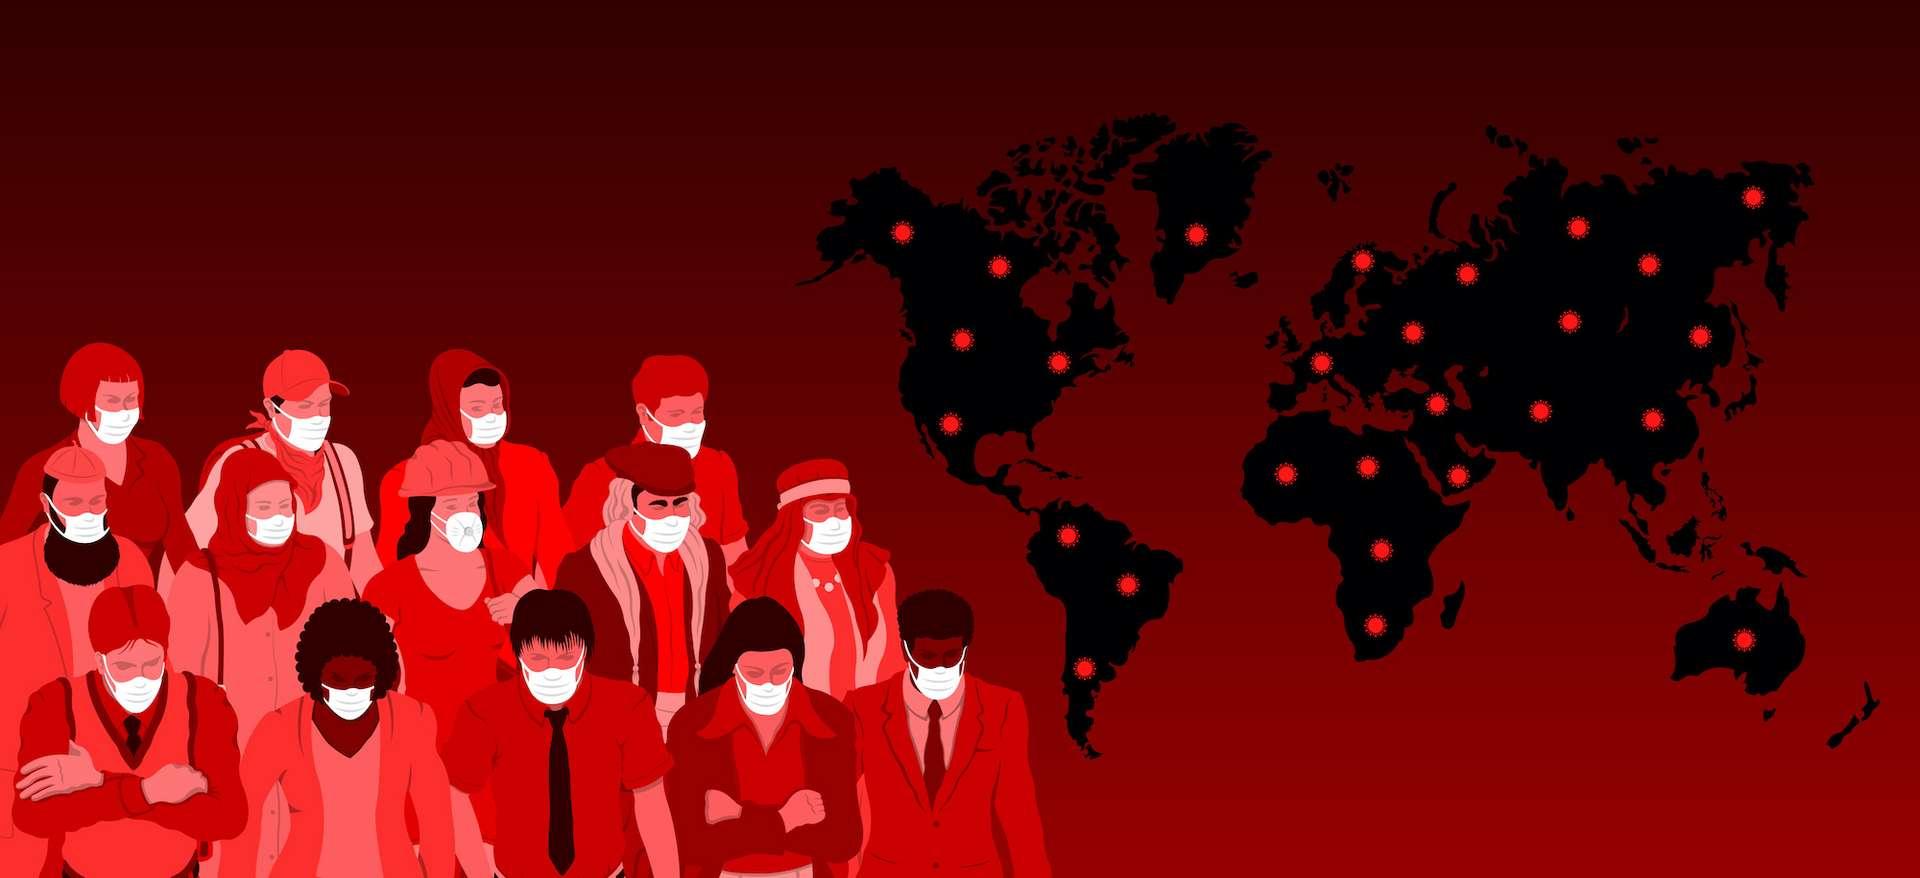 760 millions de personnes dans le monde pourraient avoir été infectées au coronavirus. © Gurcan, Adobe Stock